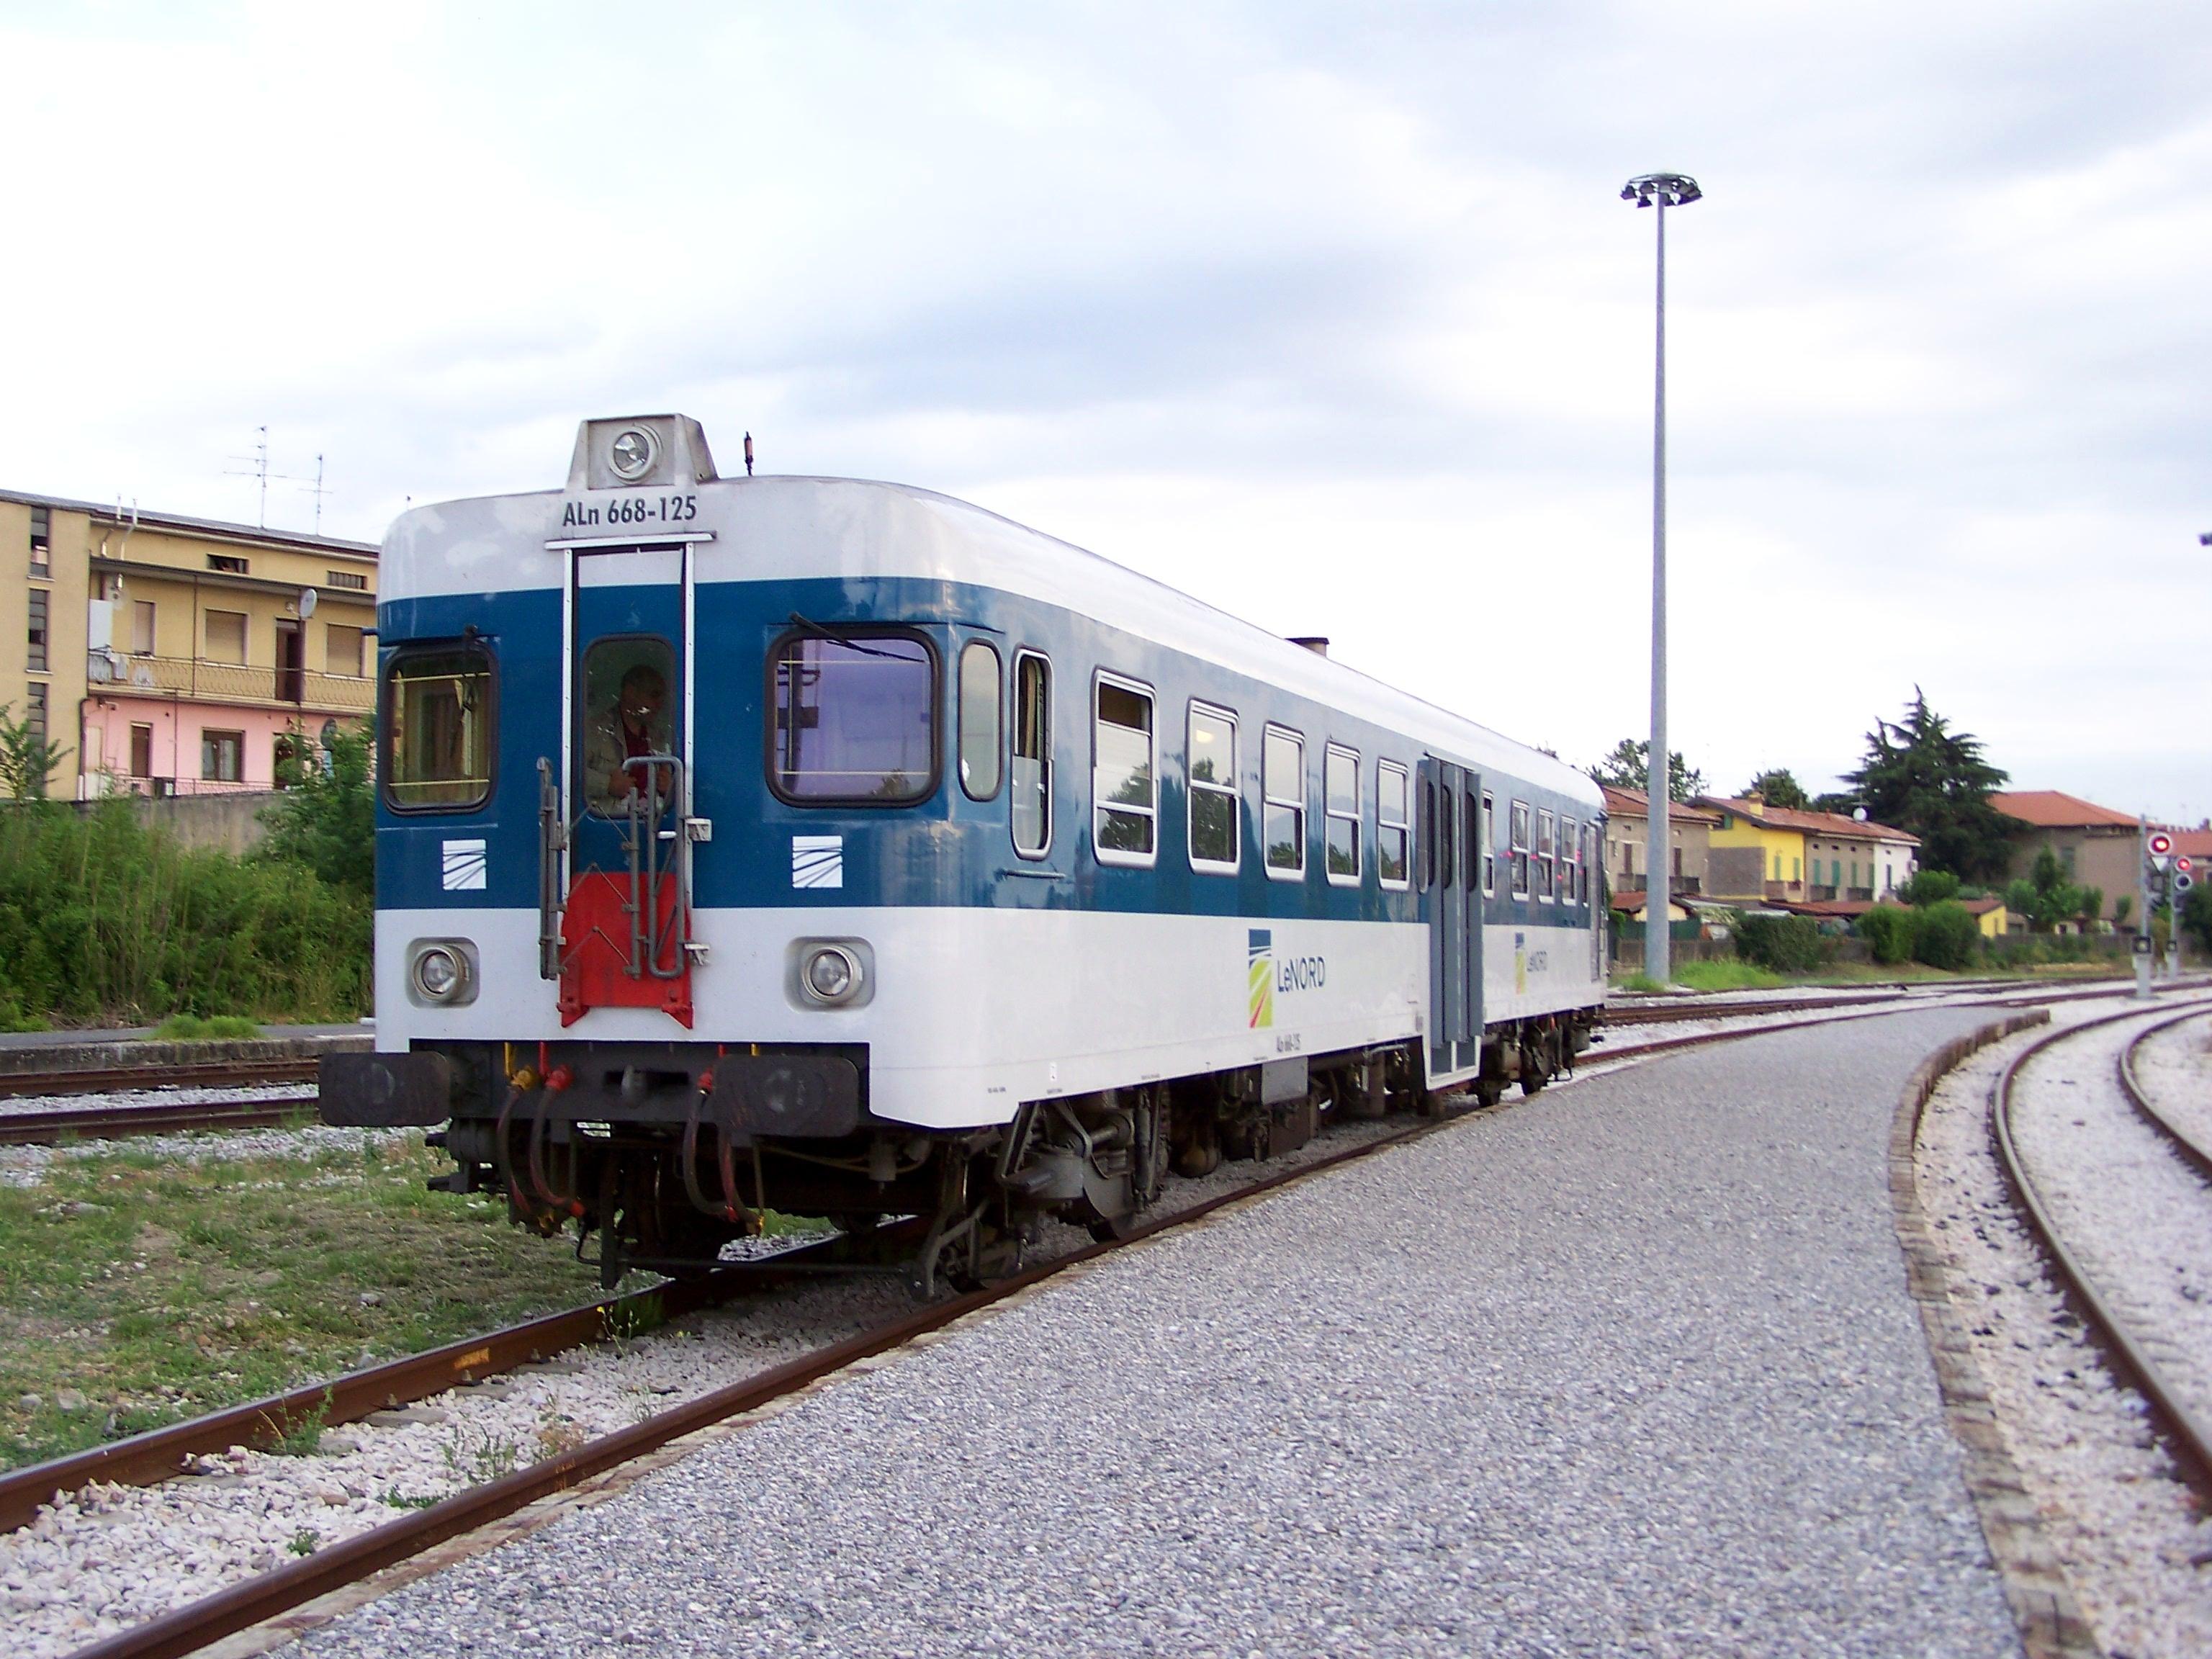 File:Stazione di Rovato Borgo ALn 668 125 viaggio inaugurale riapertura  20100613.jpg